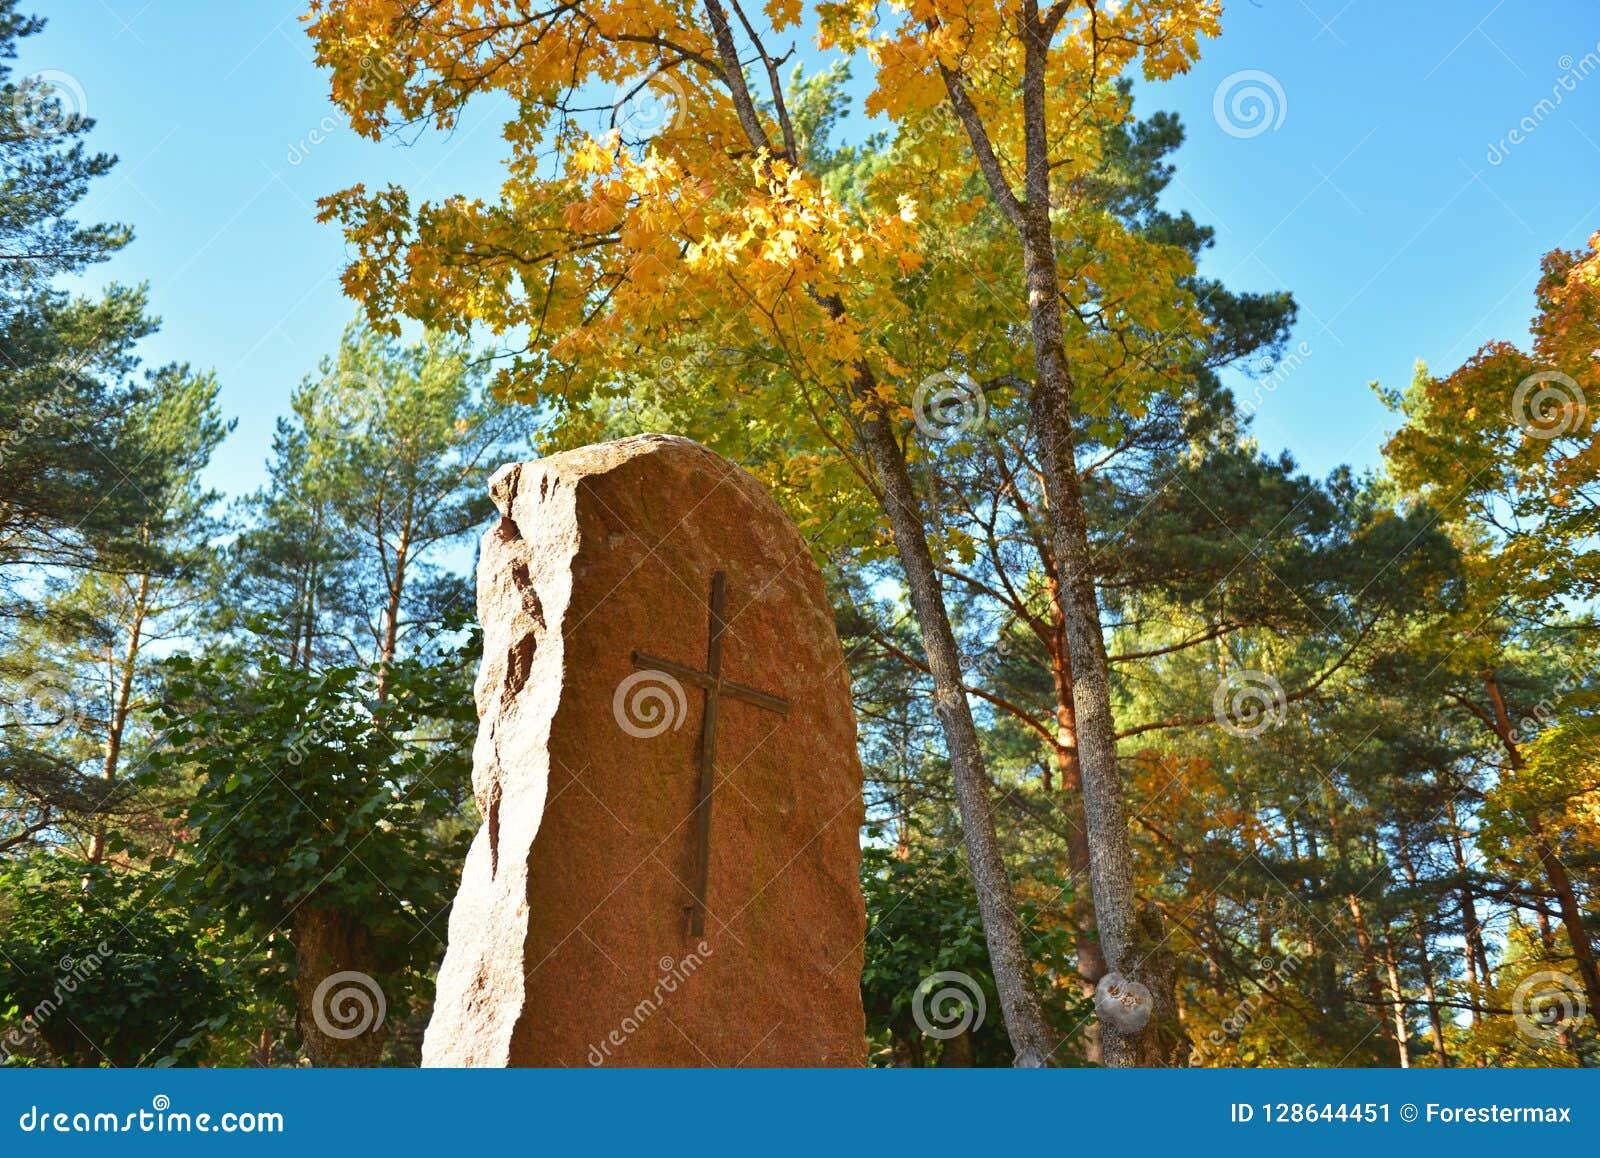 Monumento di pietra con un incrocio nel parco di autunno al monastero